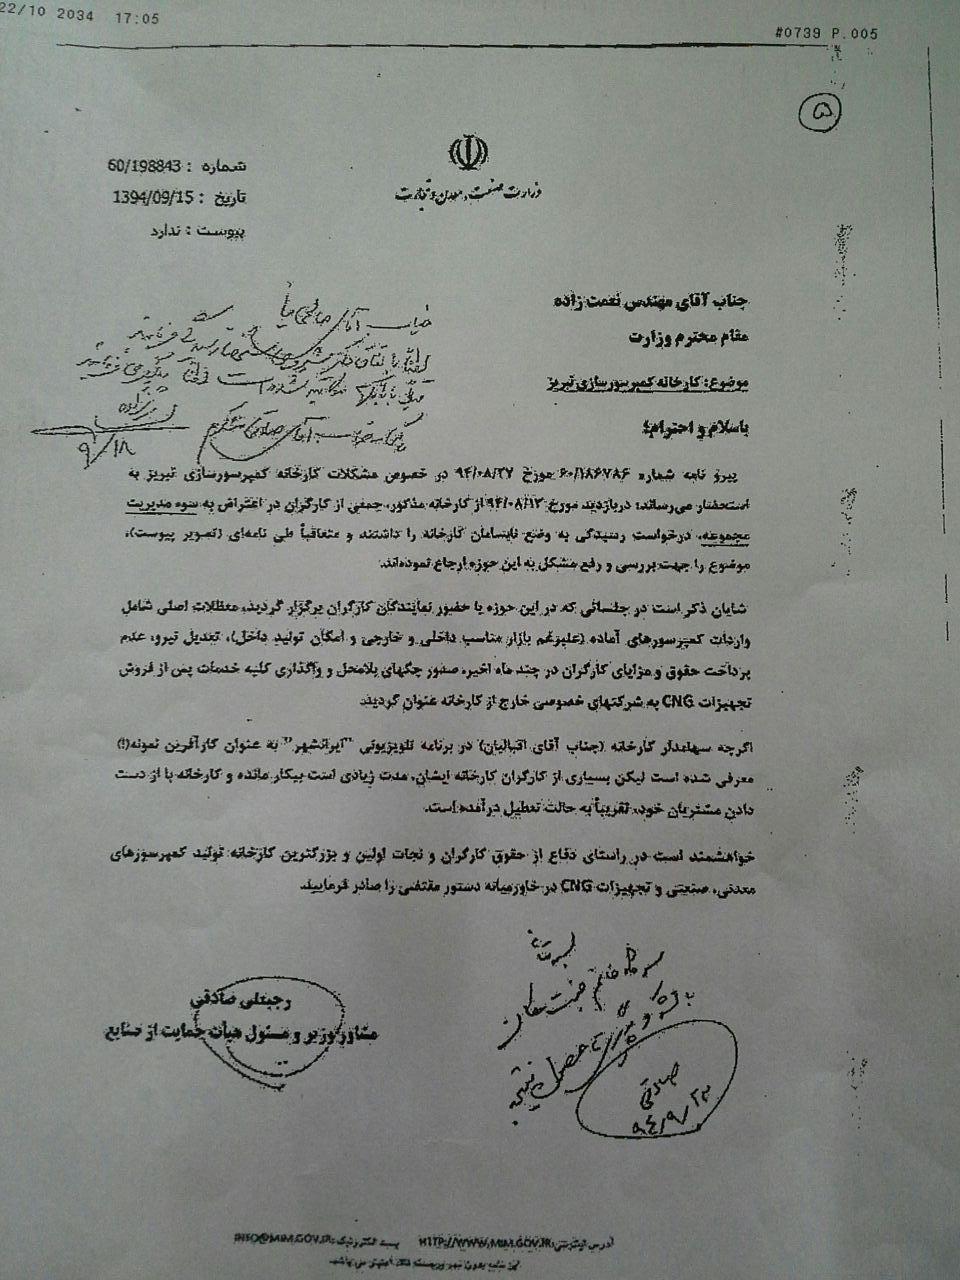 نامه درخواست کمک مالی به کمیته کارگران کمپرسور سازی تبریز در انتظار گشایش | پارسینه | خبروان